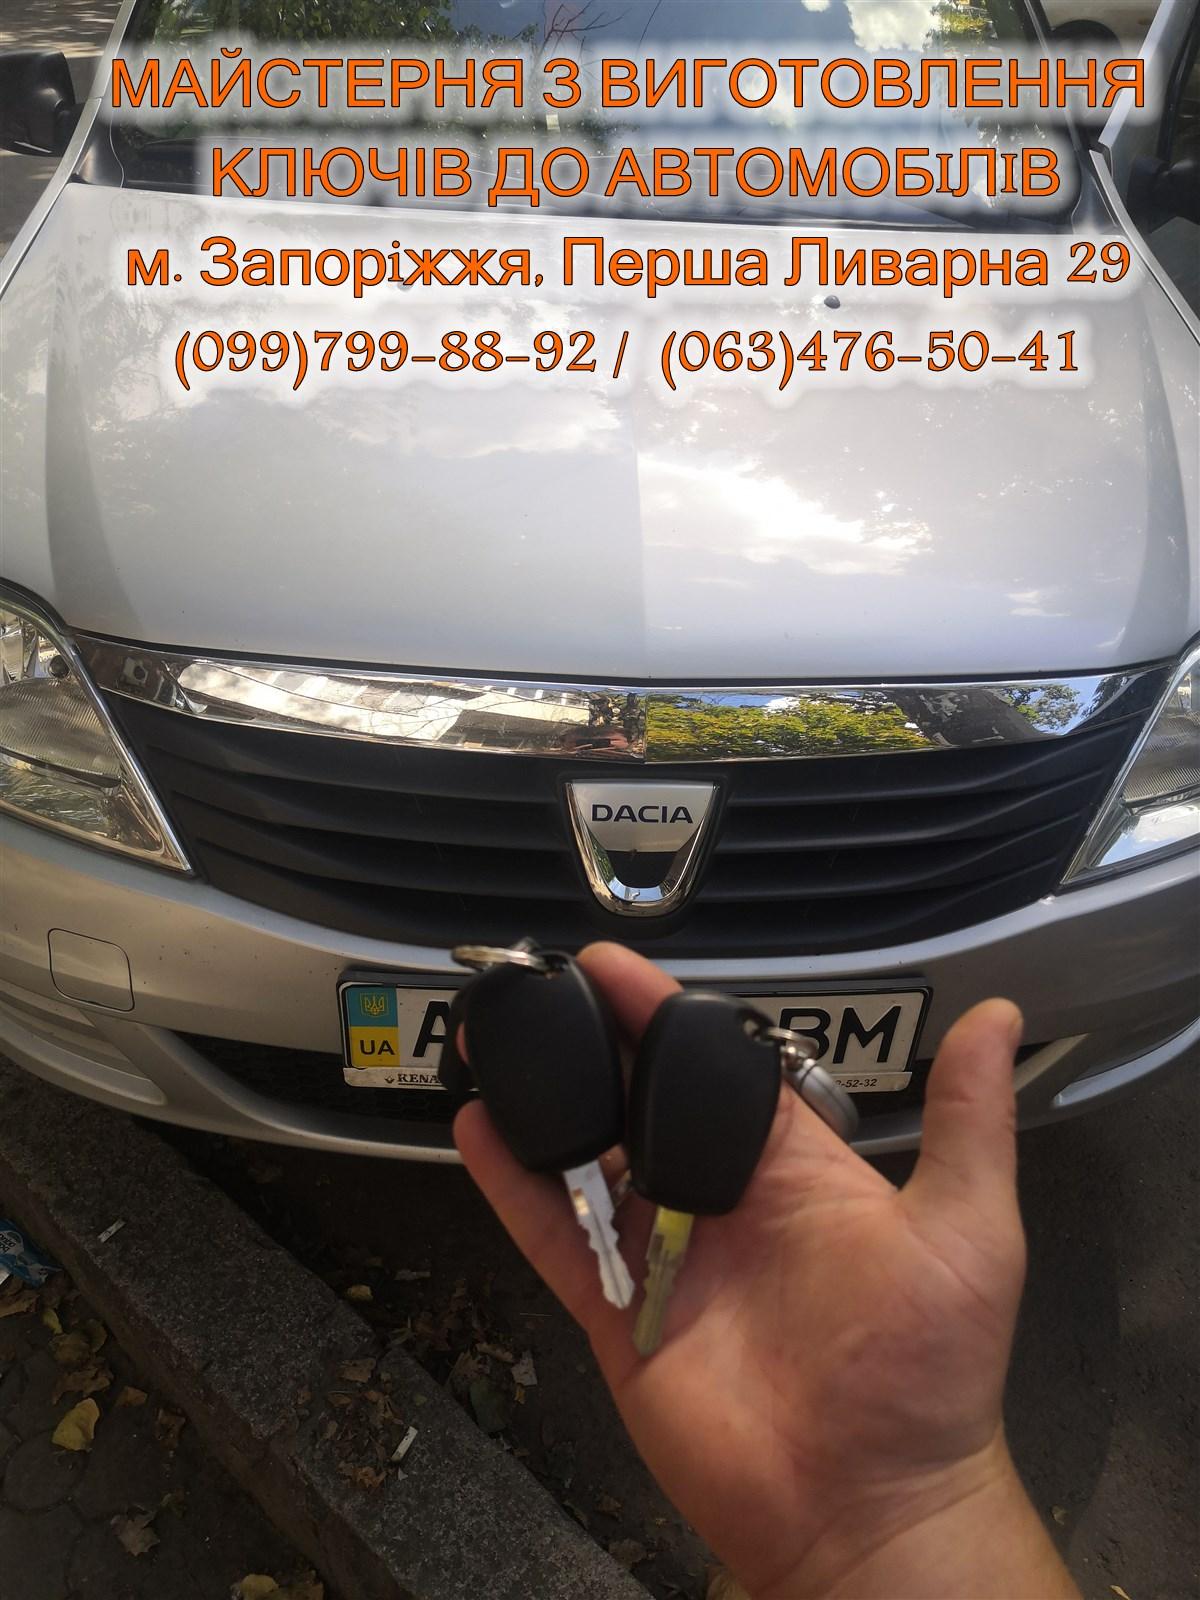 Ключи для автомобиля Dacia. Срочное изготовление ключей для Dacia.